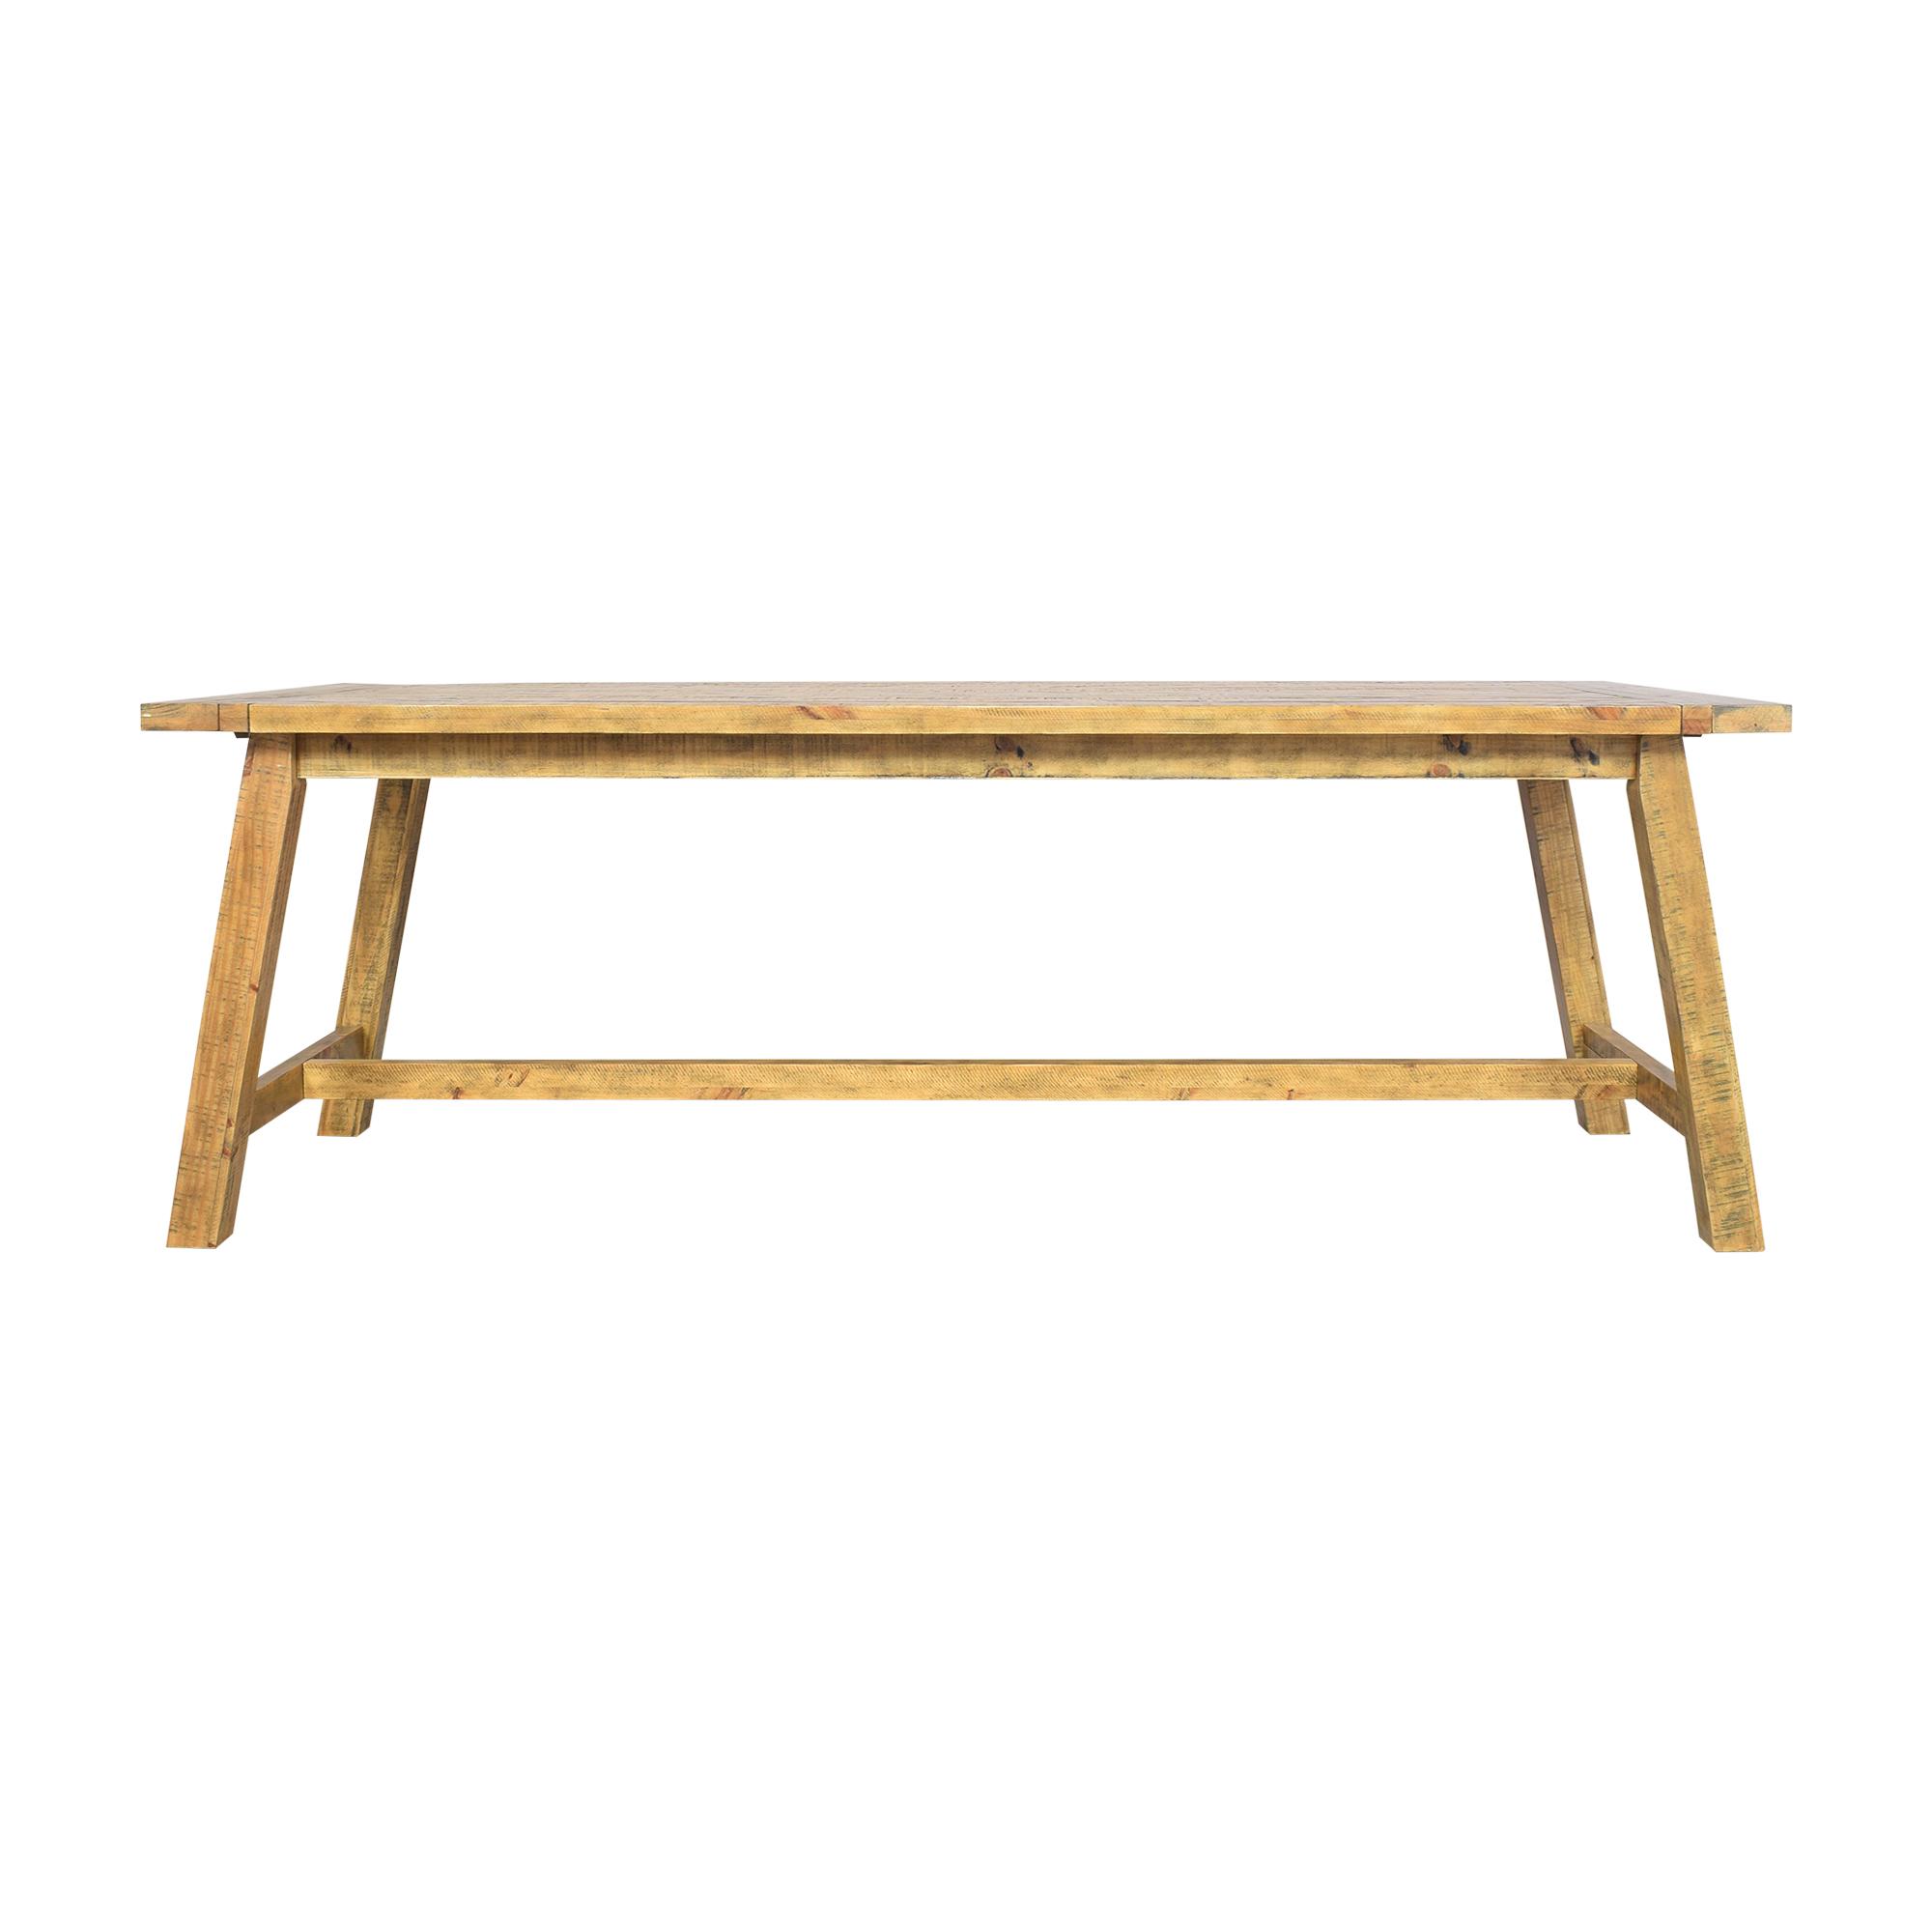 Jofran Jofran Telluride Counter Height Trestle Table on sale